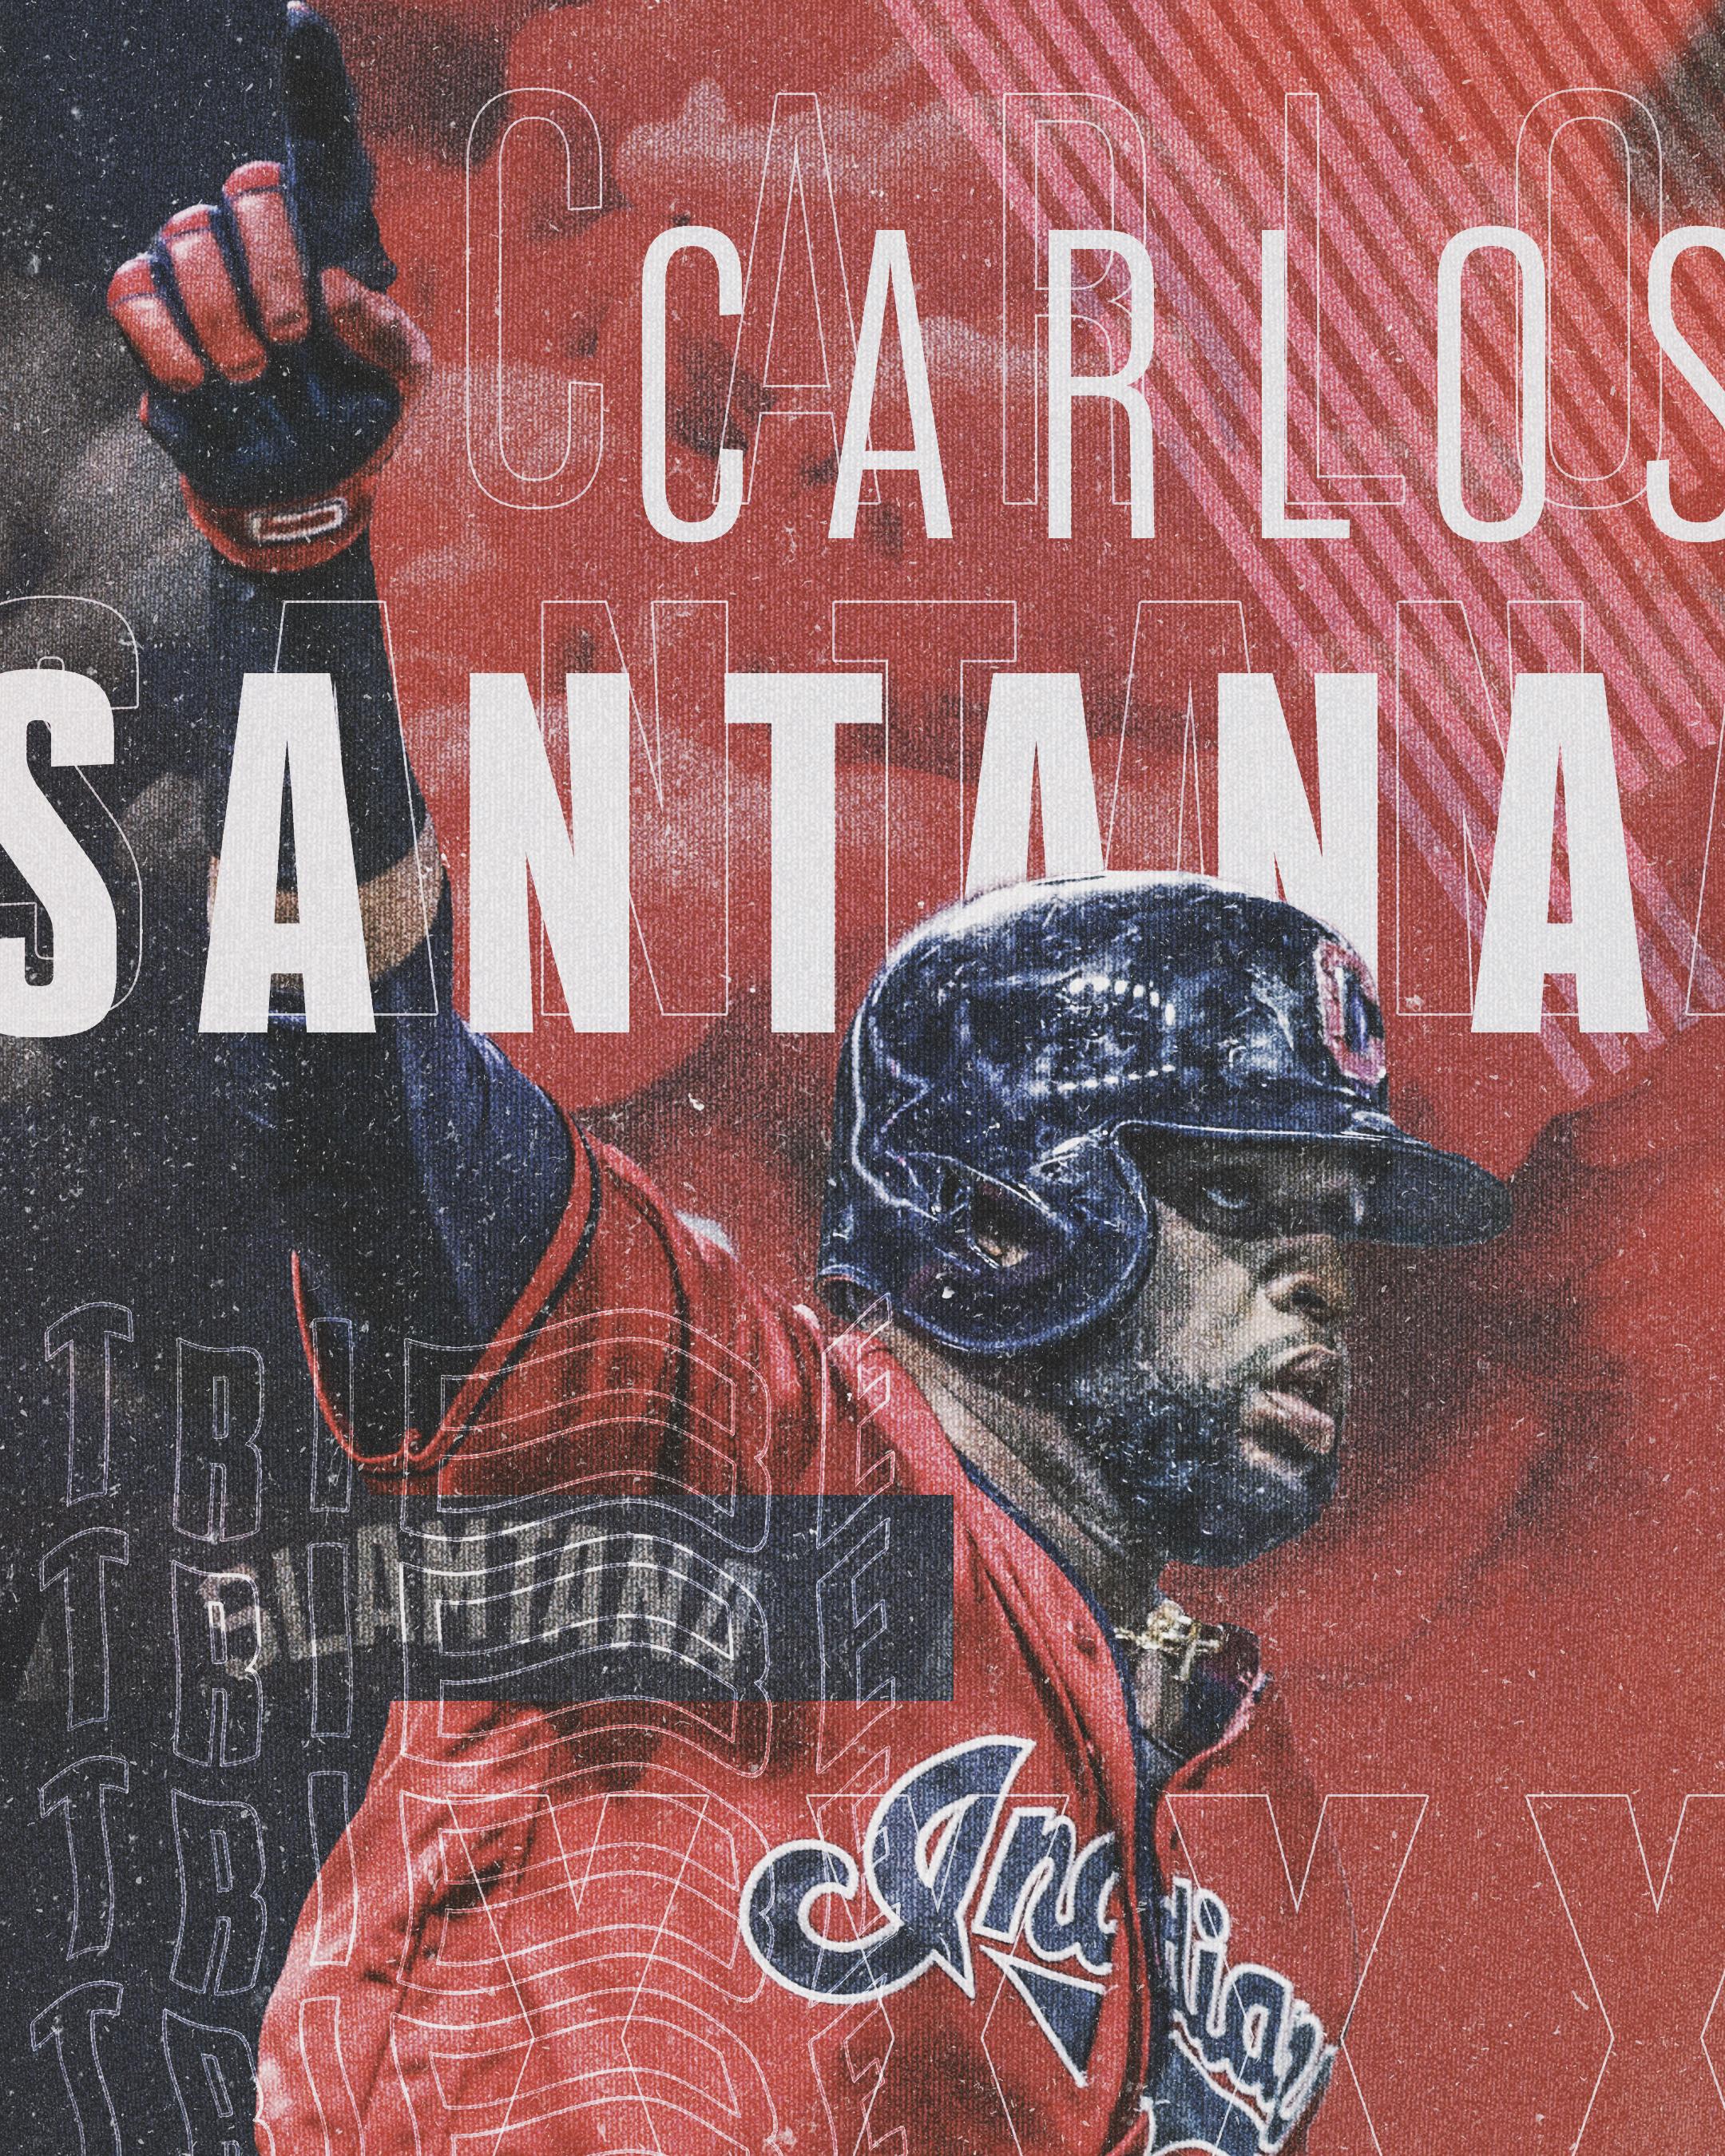 CarlosSantana.jpg